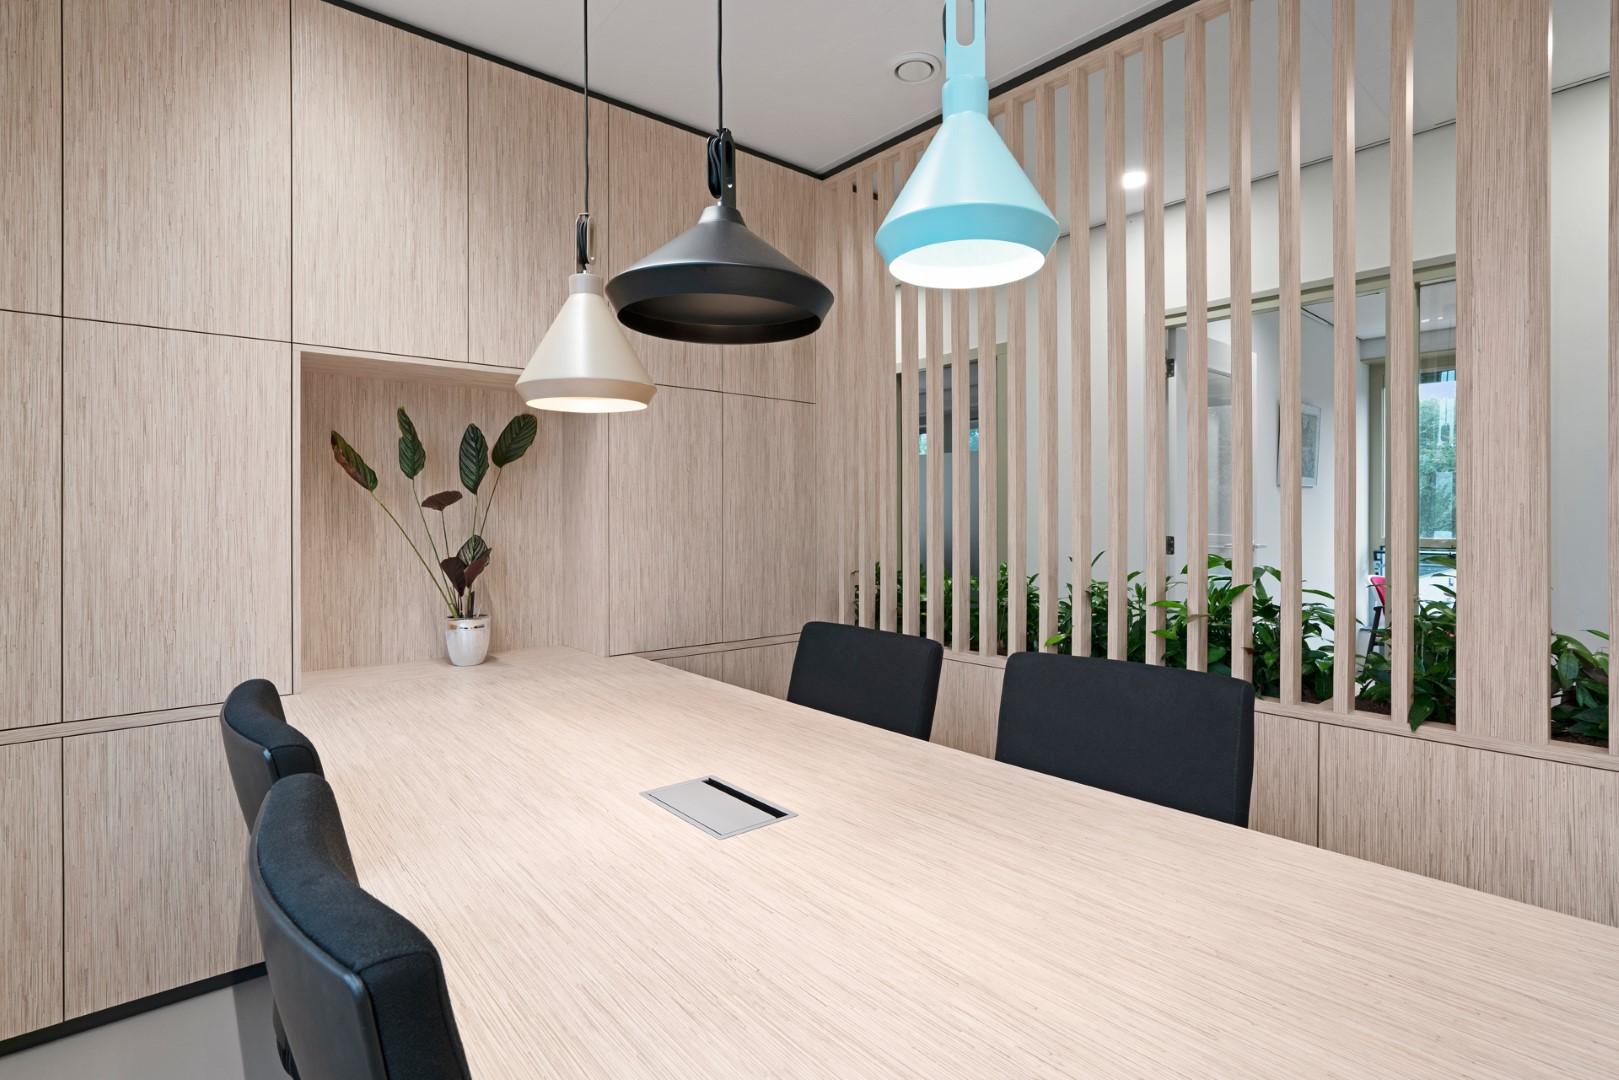 Adrichem Interieurbouw design vergaderruimte